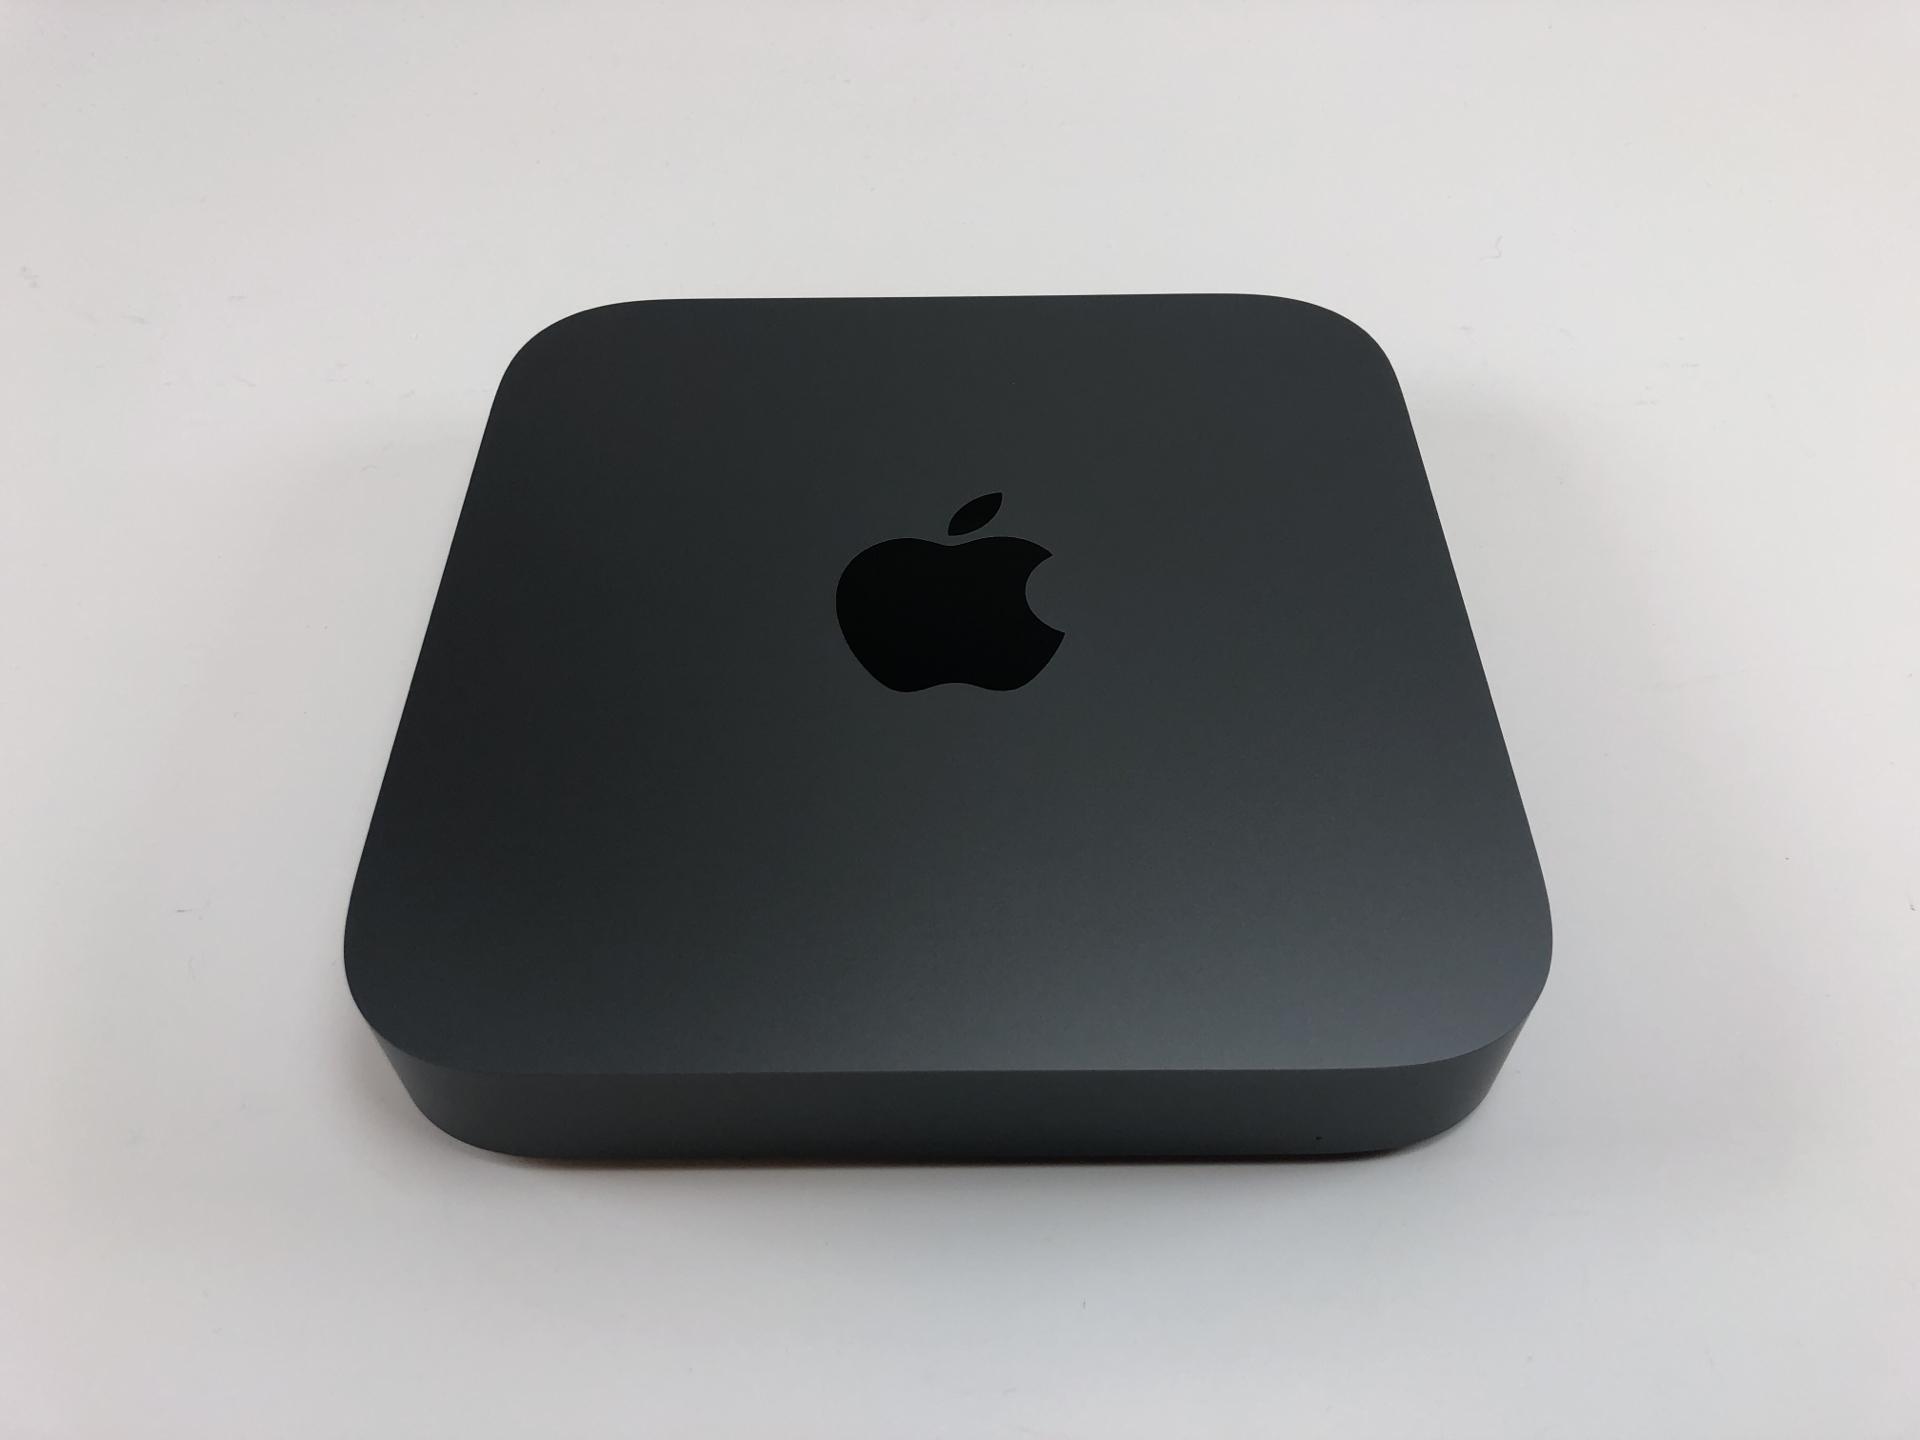 Mac Mini Late 2018 (Intel Quad-Core i3 3.6 GHz 32 GB RAM 128 GB SSD), Intel Quad-Core i3 3.6 GHz, 32 GB RAM, 128 GB SSD, imagen 1